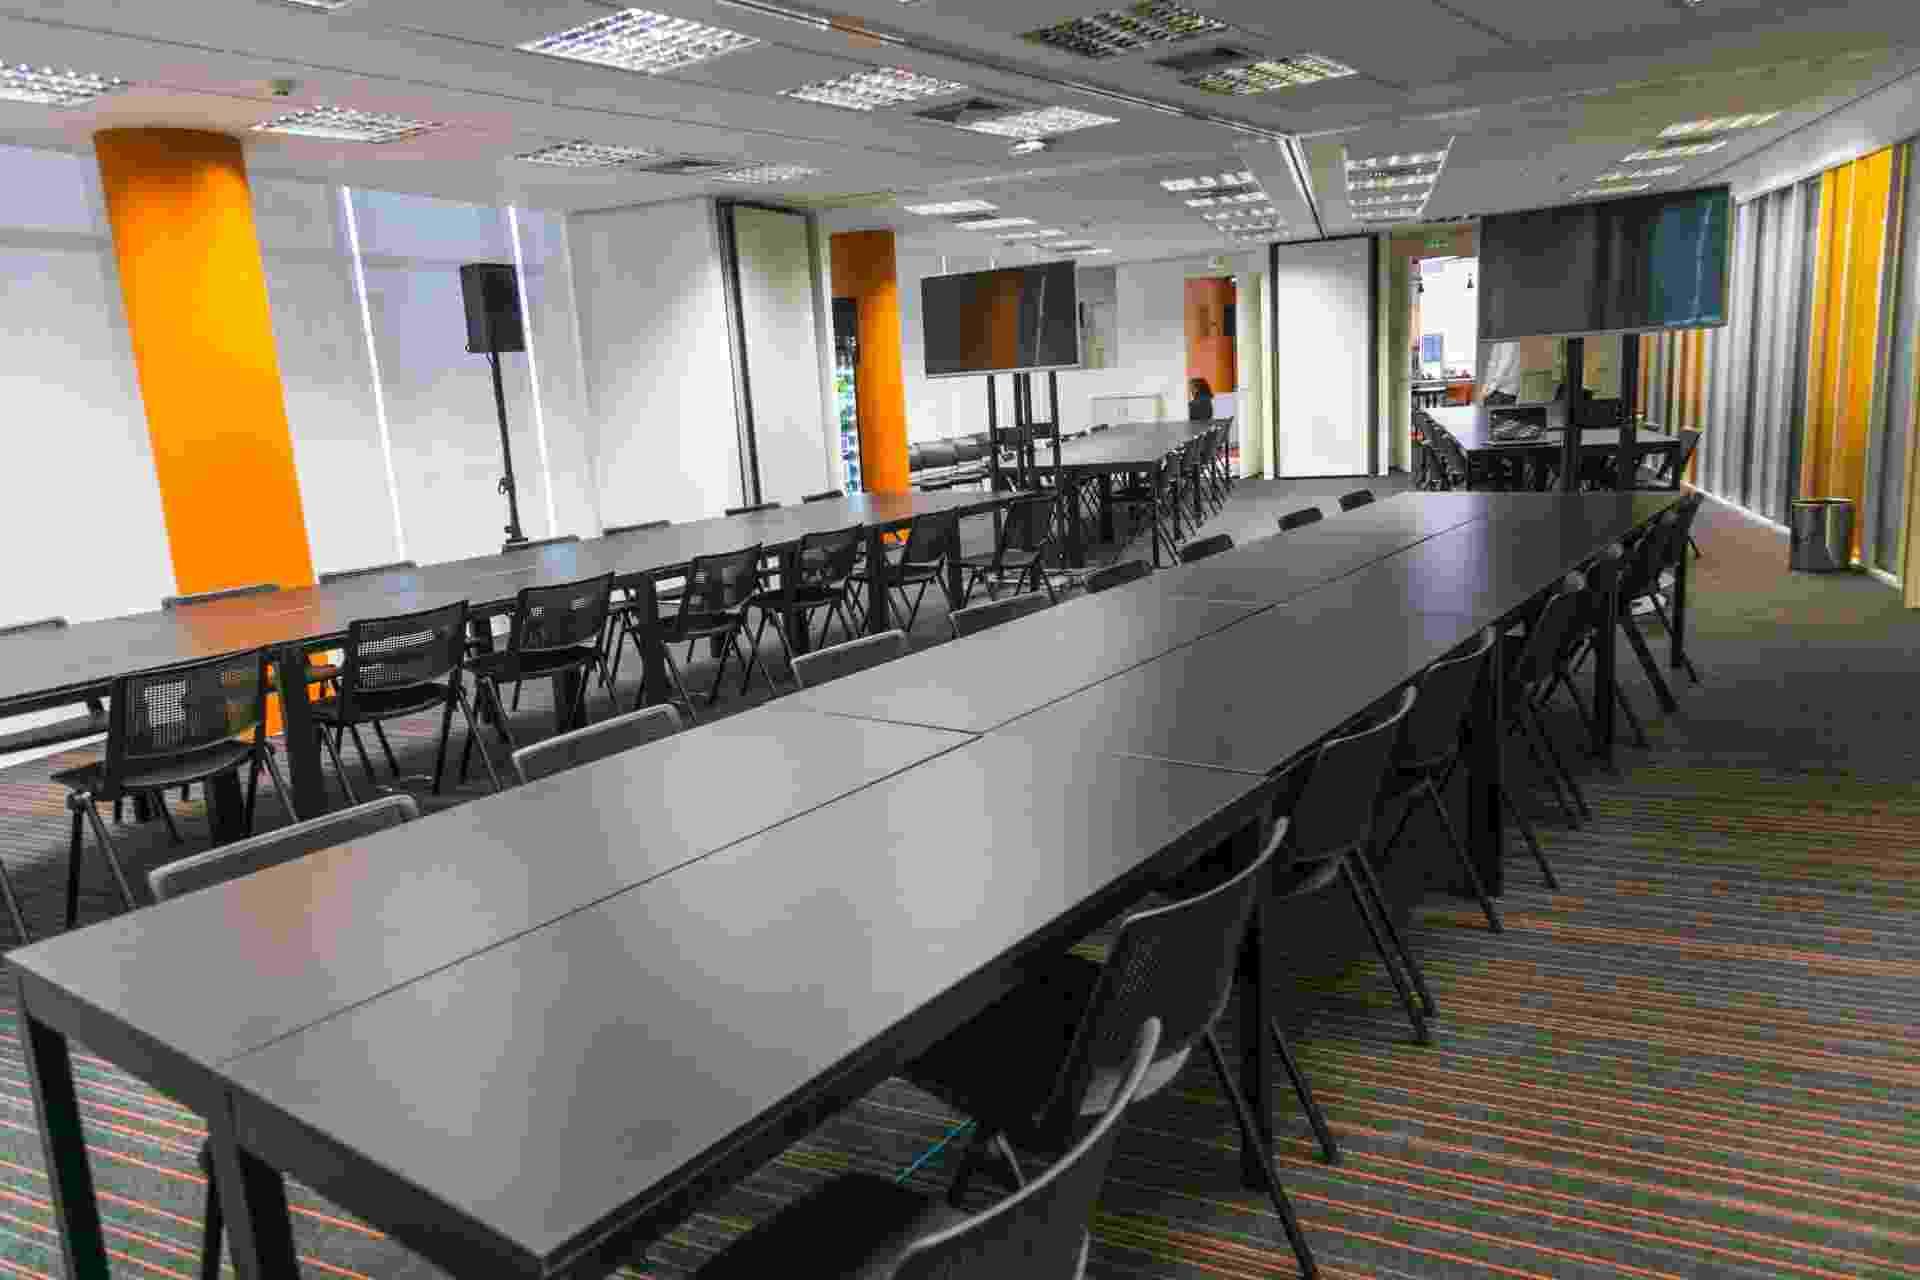 Cubo, centro de empreendedorismo em São Paulo para abrigar e apoiar start-ups tecnológicas, do Itaú Unibanco e do fundo de capital Redpoint eventures - Alexandre Albieri/Divulgação